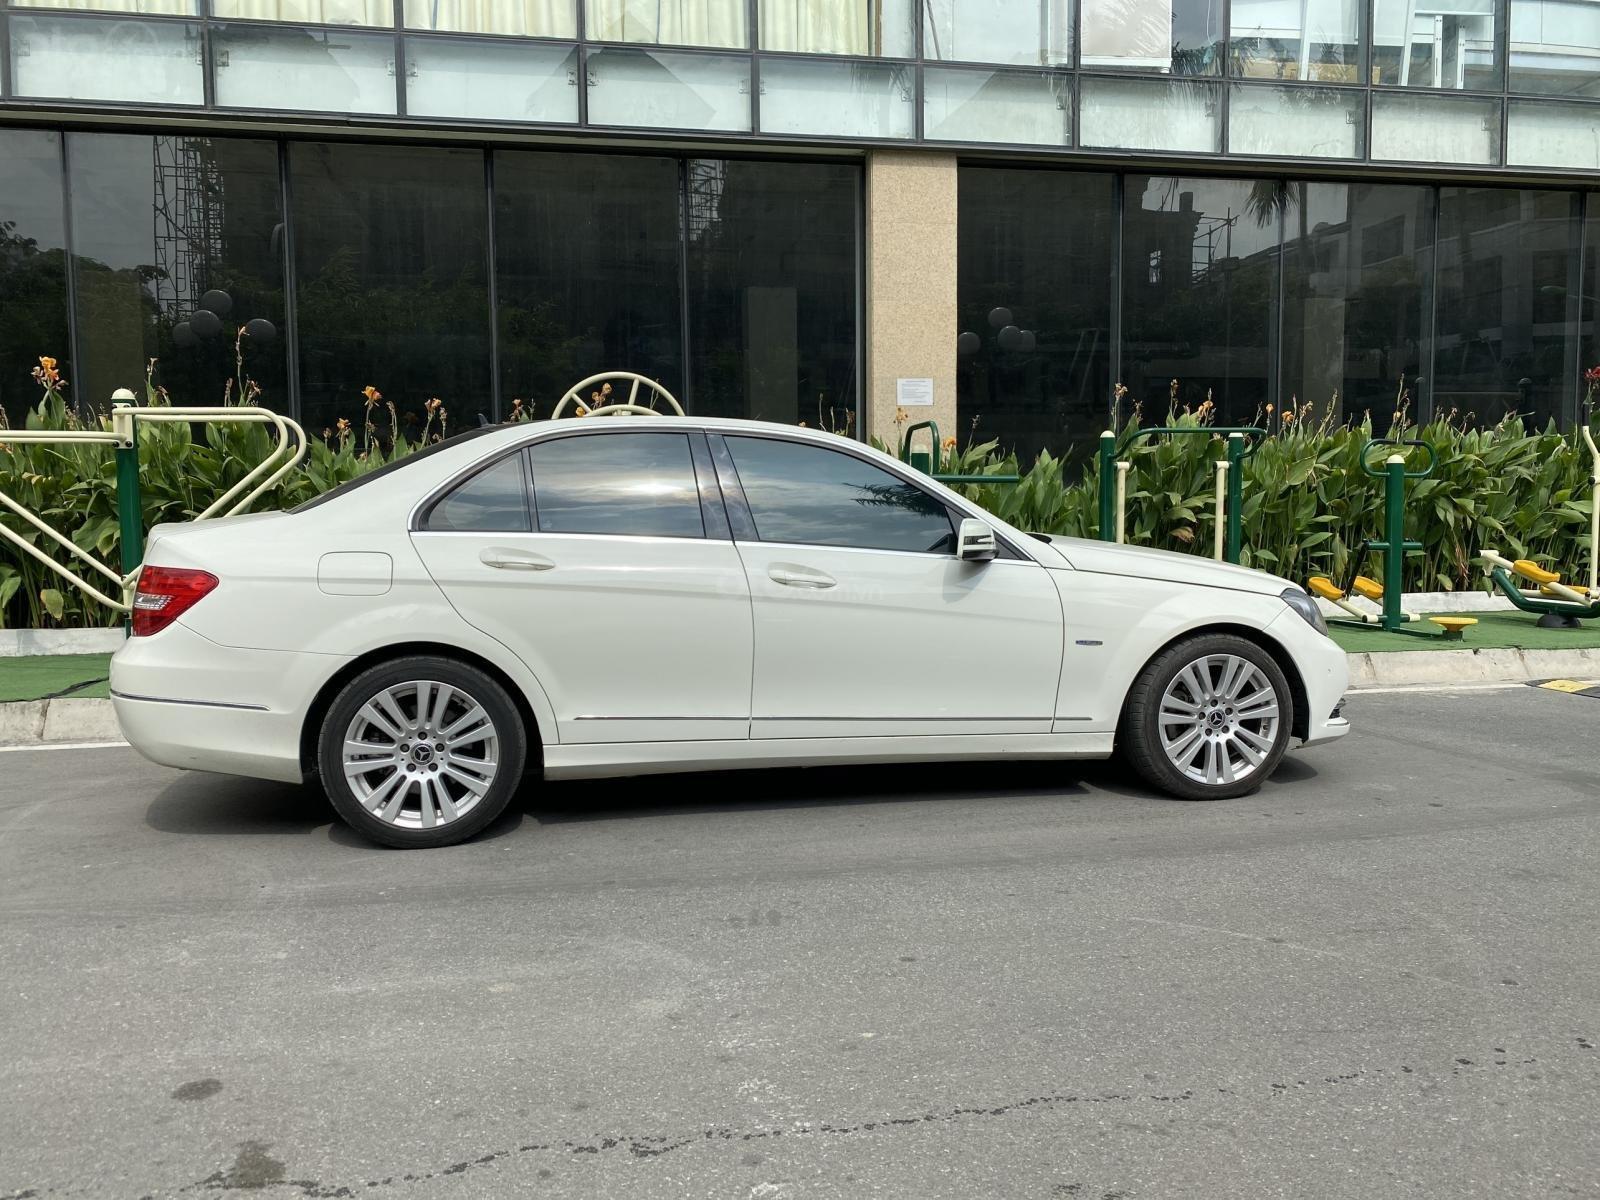 Bán Mercedes C200 sản xuất 2011, đăng kí 2012, giá cực tốt (4)